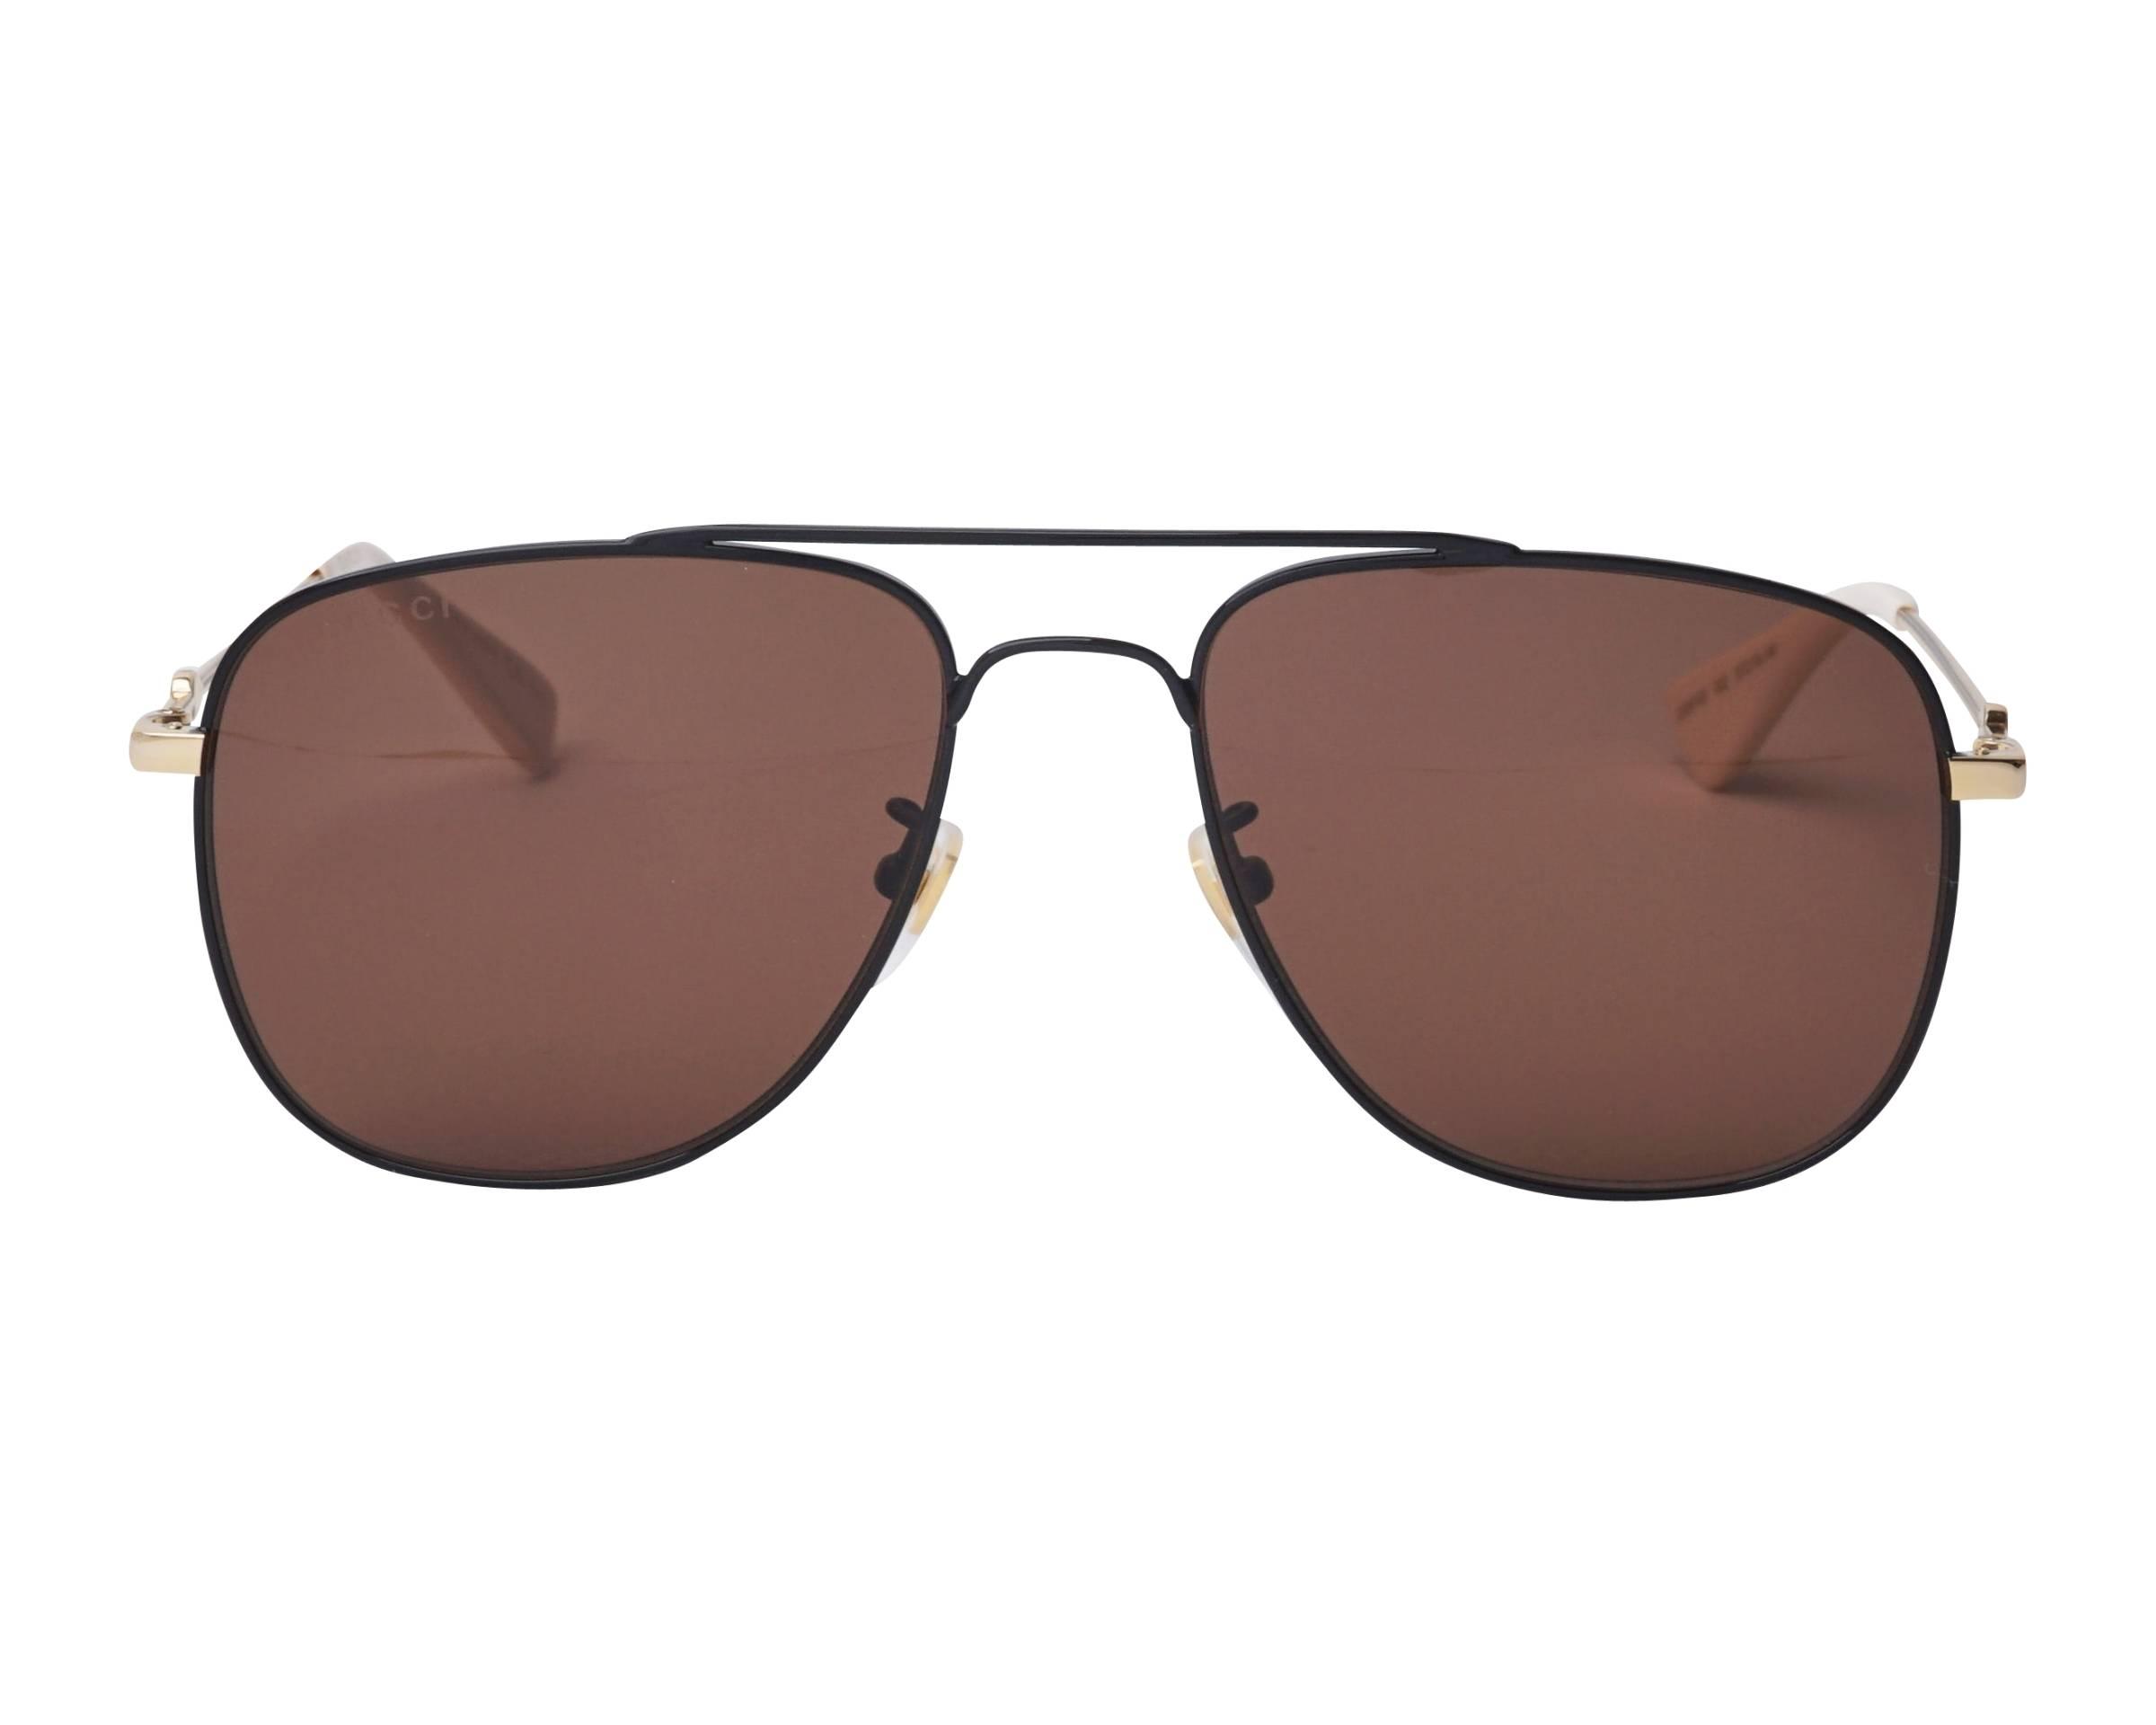 Gucci Sunglasses - GG0514S - 002